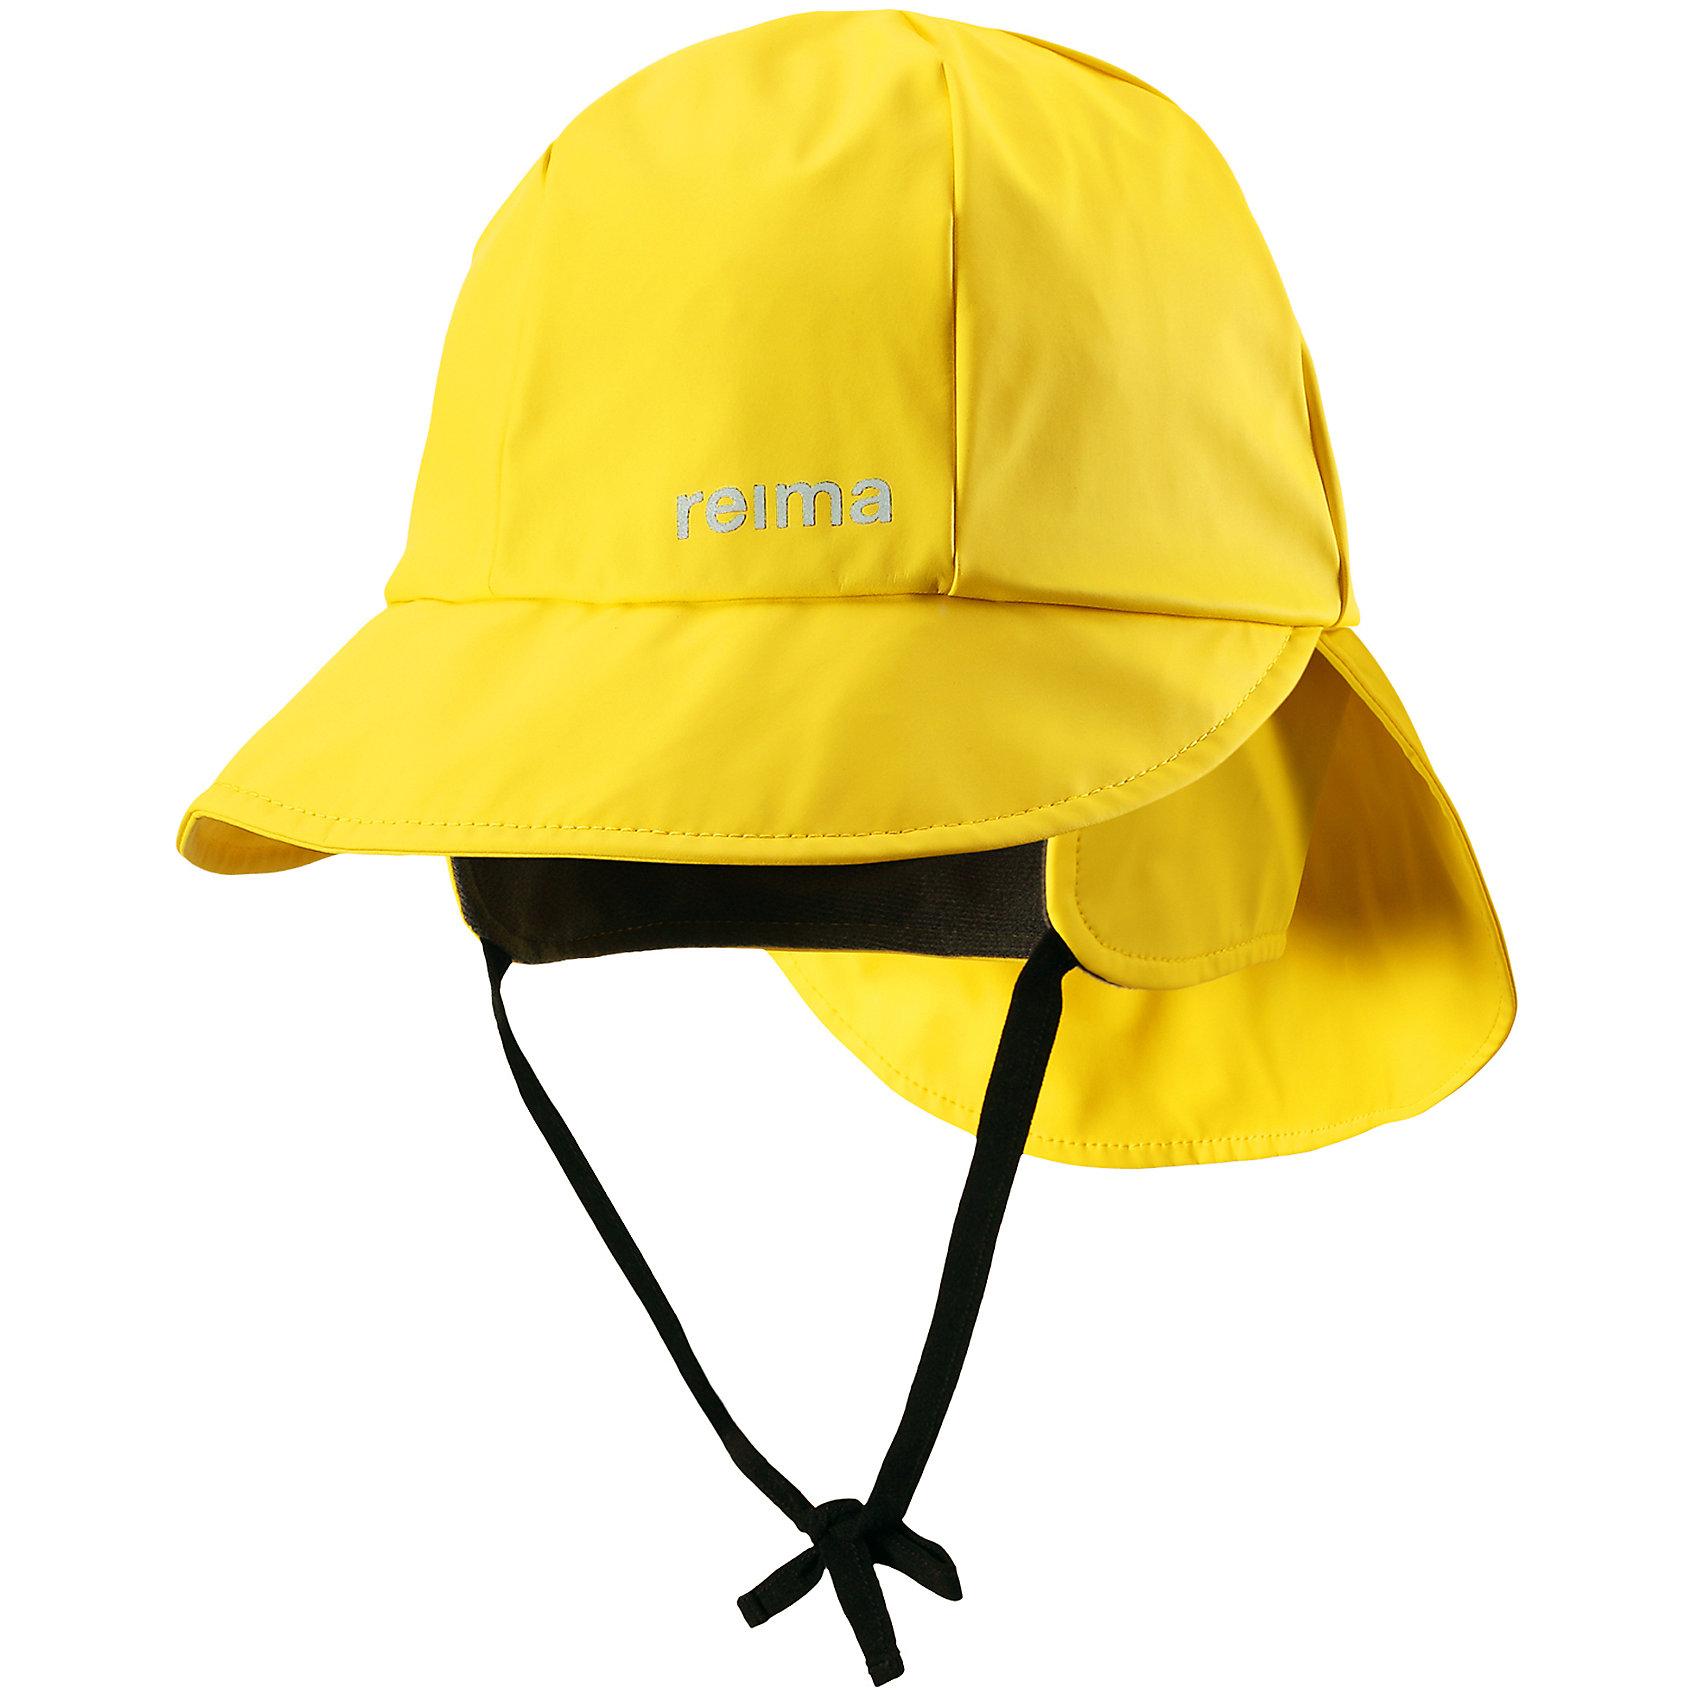 Непромокаемая шапка Rainy ReimaСицилия<br>Характеристики товара:<br><br>• цвет: желтый<br>• шапка-дождевик<br>• непромокаемая<br>• состав: 100% полиэстер, полиуретановое покрытие<br>• эластичный материал<br>• швы запаяны<br>• без подкладки<br>• защита ушей от ветра<br>• принт с логотипом<br>• комфортная посадка<br>• страна производства: Китай<br>• страна бренда: Финляндия<br>• коллекция: весна-лето 2017<br><br>Детский головной убор может быть модным и удобным одновременно! Стильная шапка поможет обеспечить ребенку комфорт и дополнить наряд. Она отлично смотрится с различной одеждой. Шапка удобно сидит и аккуратно выглядит. Проста в уходе, долго служит. Стильный дизайн разрабатывался специально для детей. Отличная защита от дождя и ветра!<br><br>Одежда и обувь от финского бренда Reima пользуется популярностью во многих странах. Эти изделия стильные, качественные и удобные. Для производства продукции используются только безопасные, проверенные материалы и фурнитура. Порадуйте ребенка модными и красивыми вещами от Reima! <br><br>Шапку для мальчика от финского бренда Reima (Рейма) можно купить в нашем интернет-магазине.<br><br>Ширина мм: 89<br>Глубина мм: 117<br>Высота мм: 44<br>Вес г: 155<br>Цвет: желтый<br>Возраст от месяцев: 6<br>Возраст до месяцев: 9<br>Пол: Унисекс<br>Возраст: Детский<br>Размер: 46,50,48,52,54,56<br>SKU: 5267999